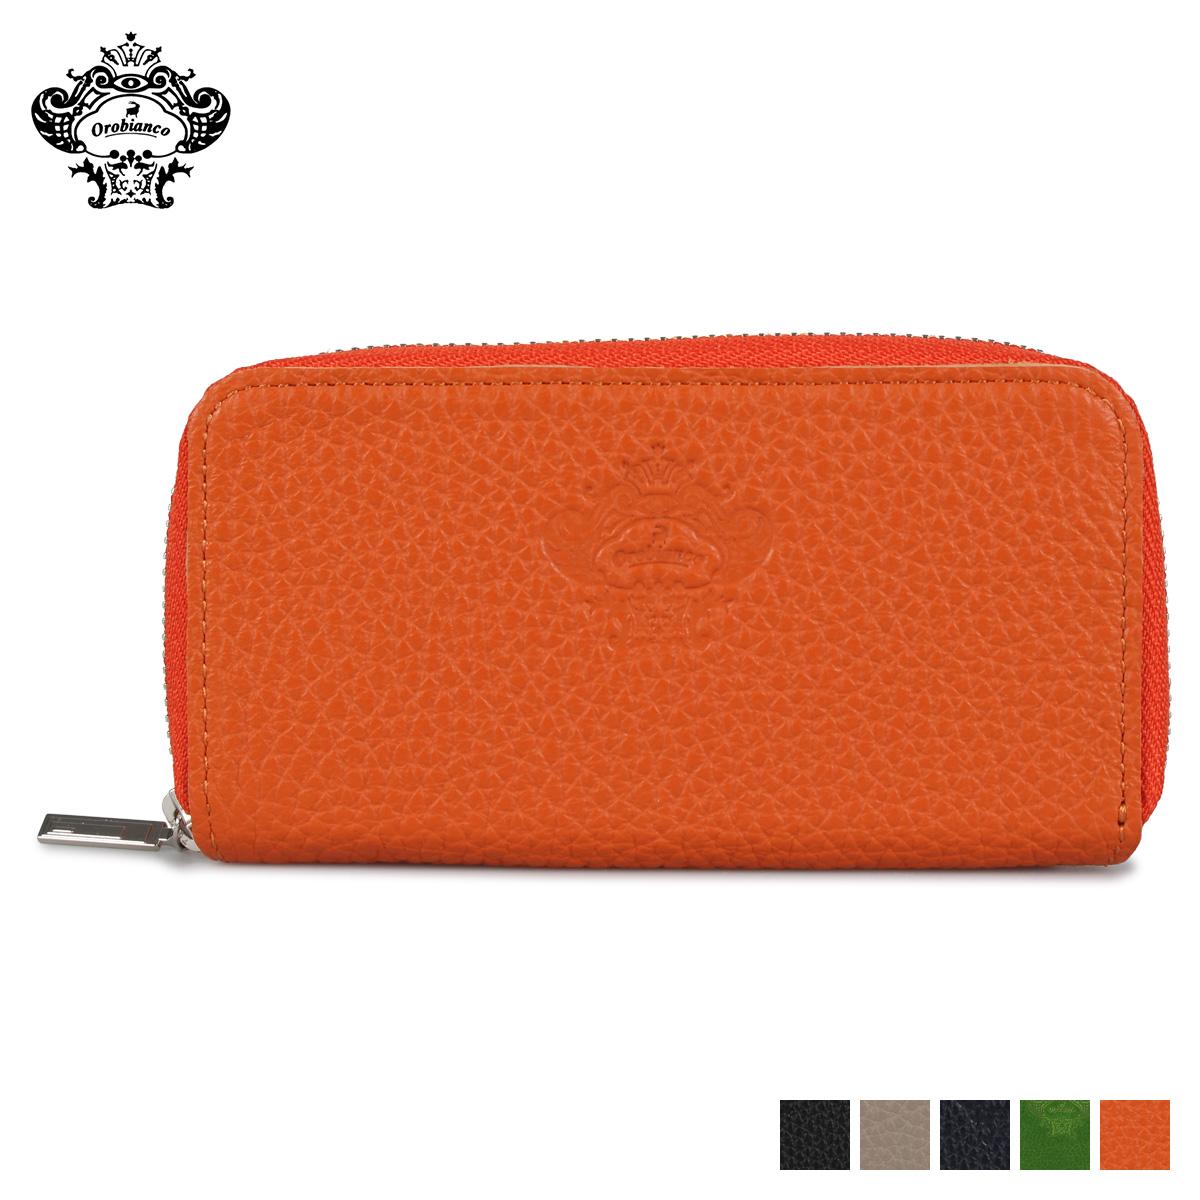 オロビアンコ Orobianco キーケース キーホルダー スマートキーケース メンズ レディース ラウンドファスナー KEY CASE ブラック グレー ネイビー グリーン オレンジ 黒 OBKC-003